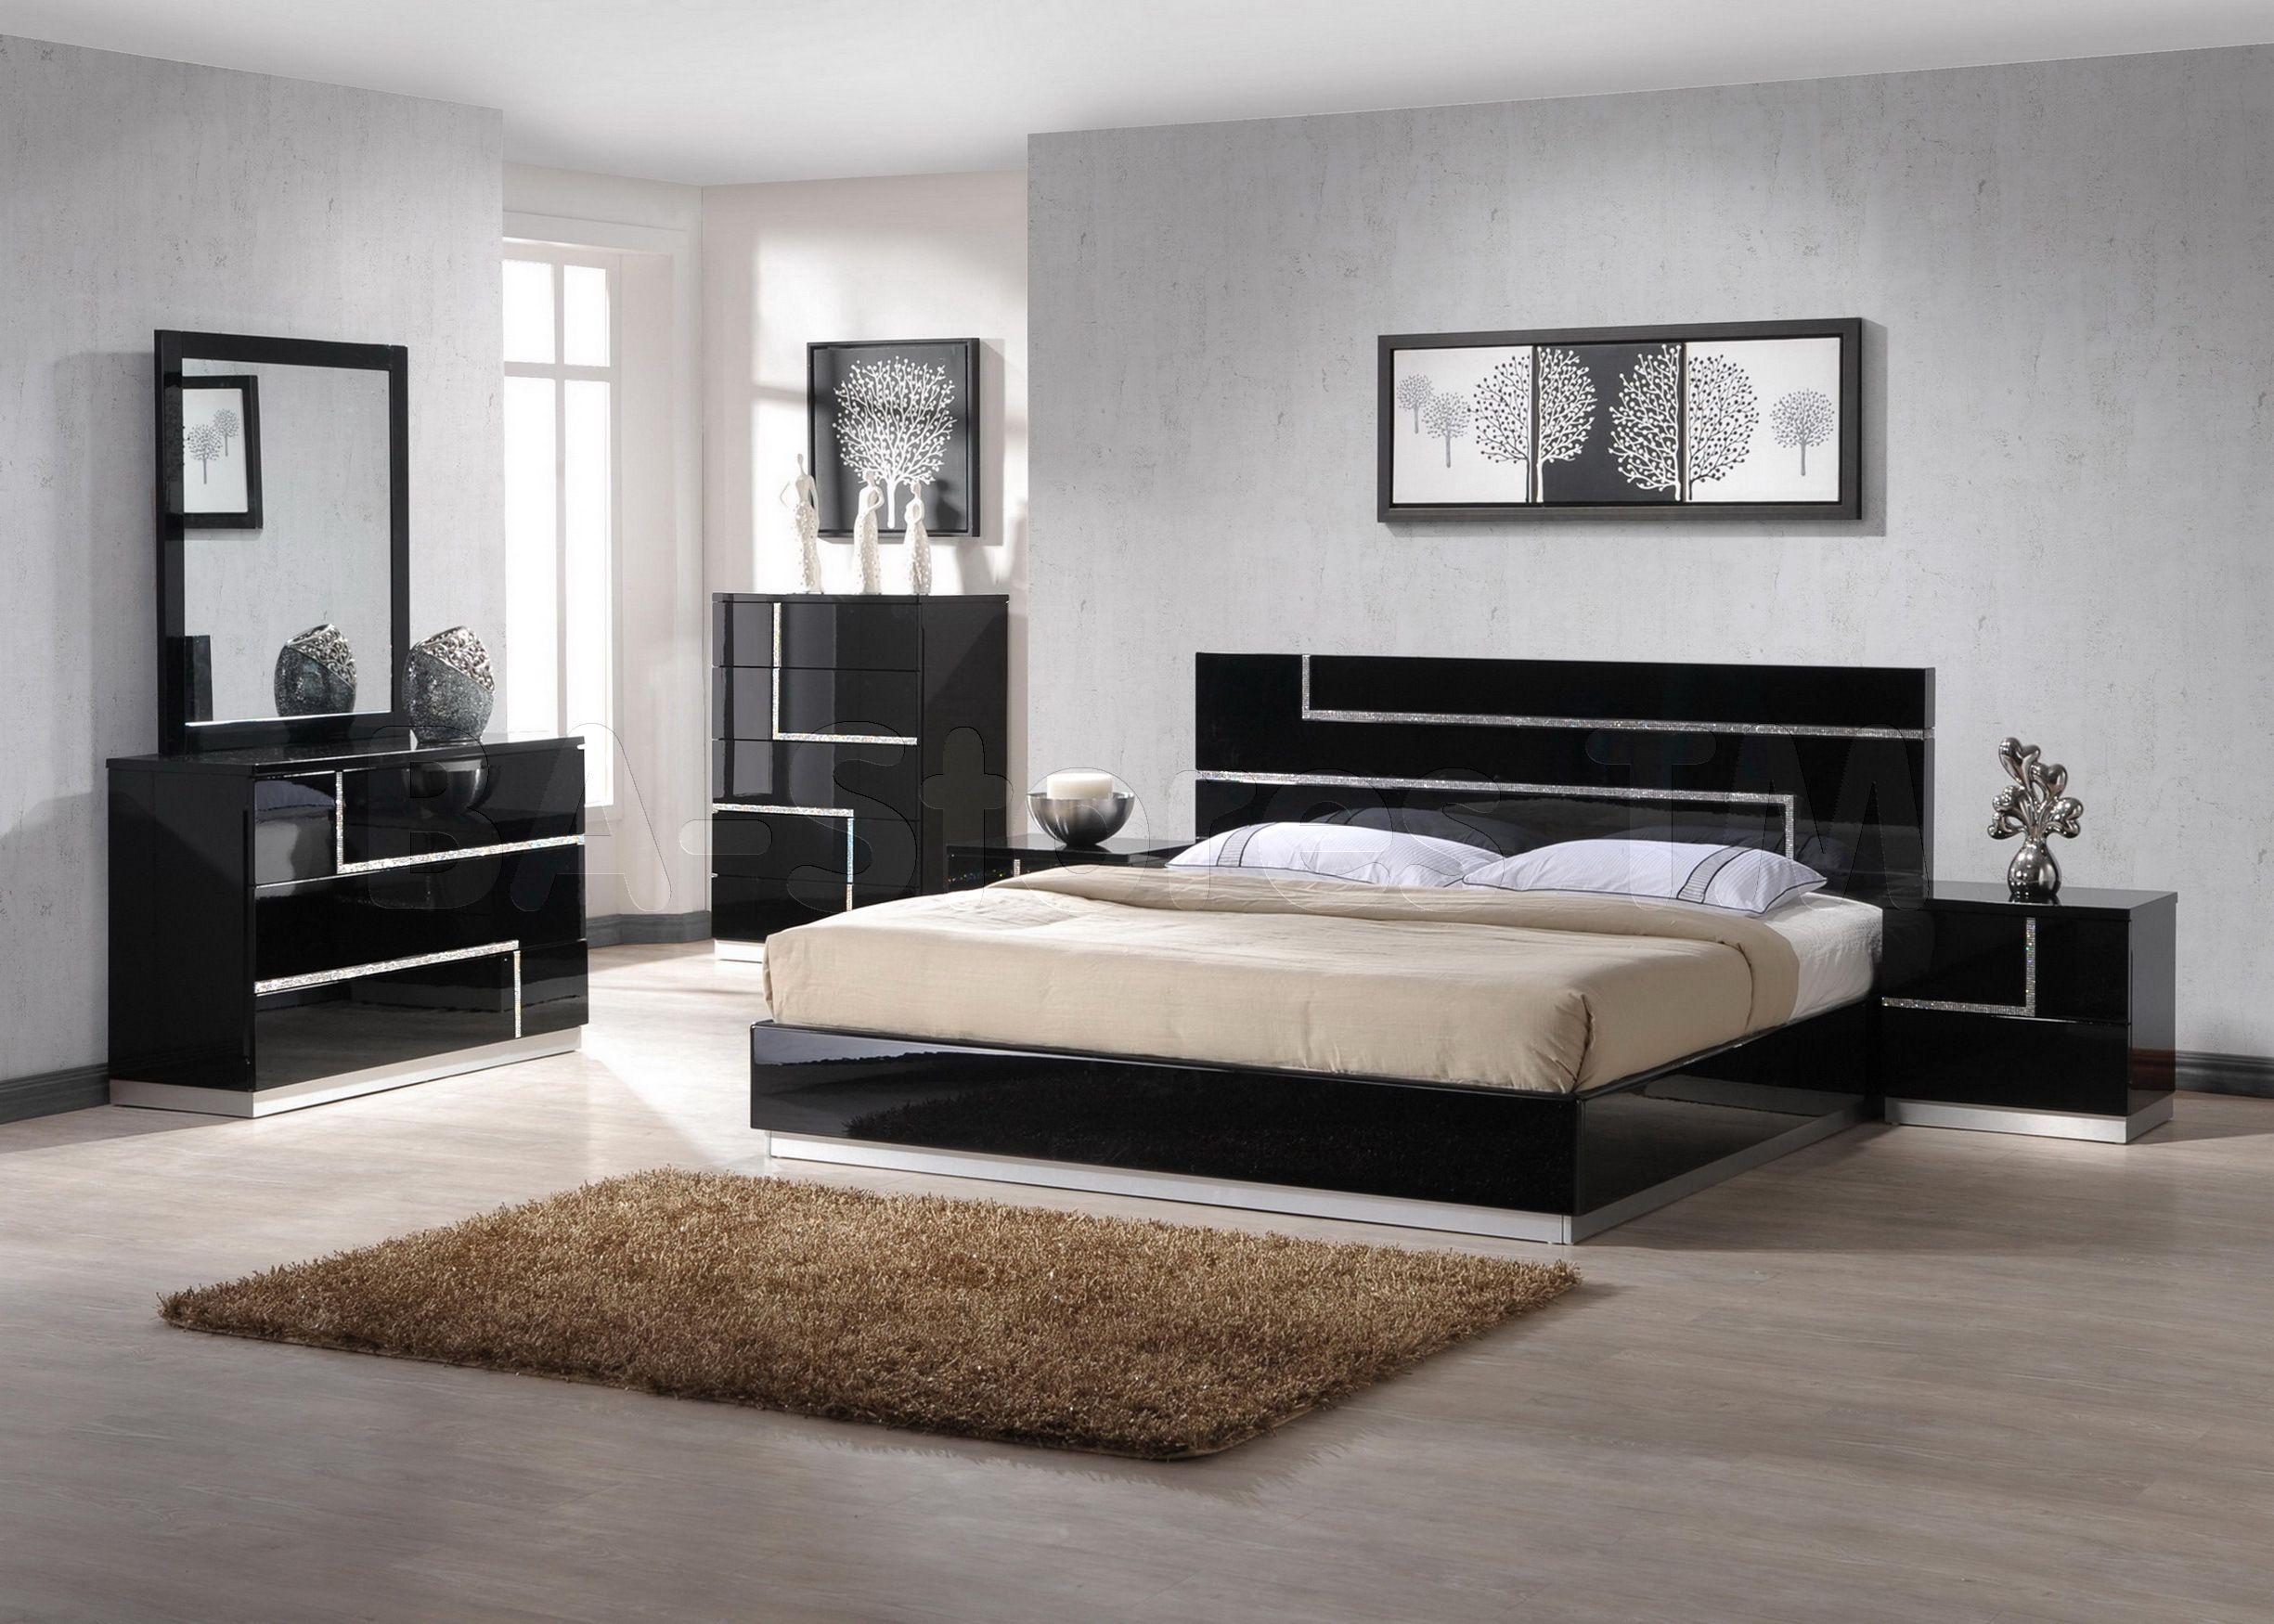 Zeitgenössische Moderne Schlafzimmer Möbel - Schlafzimmer ...